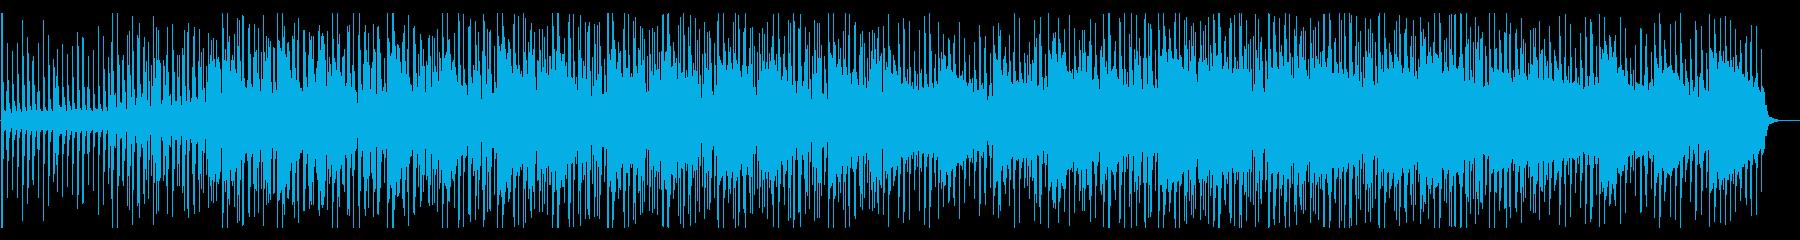 落ち着いた爽やかなBGM/ピアノ/シンセの再生済みの波形